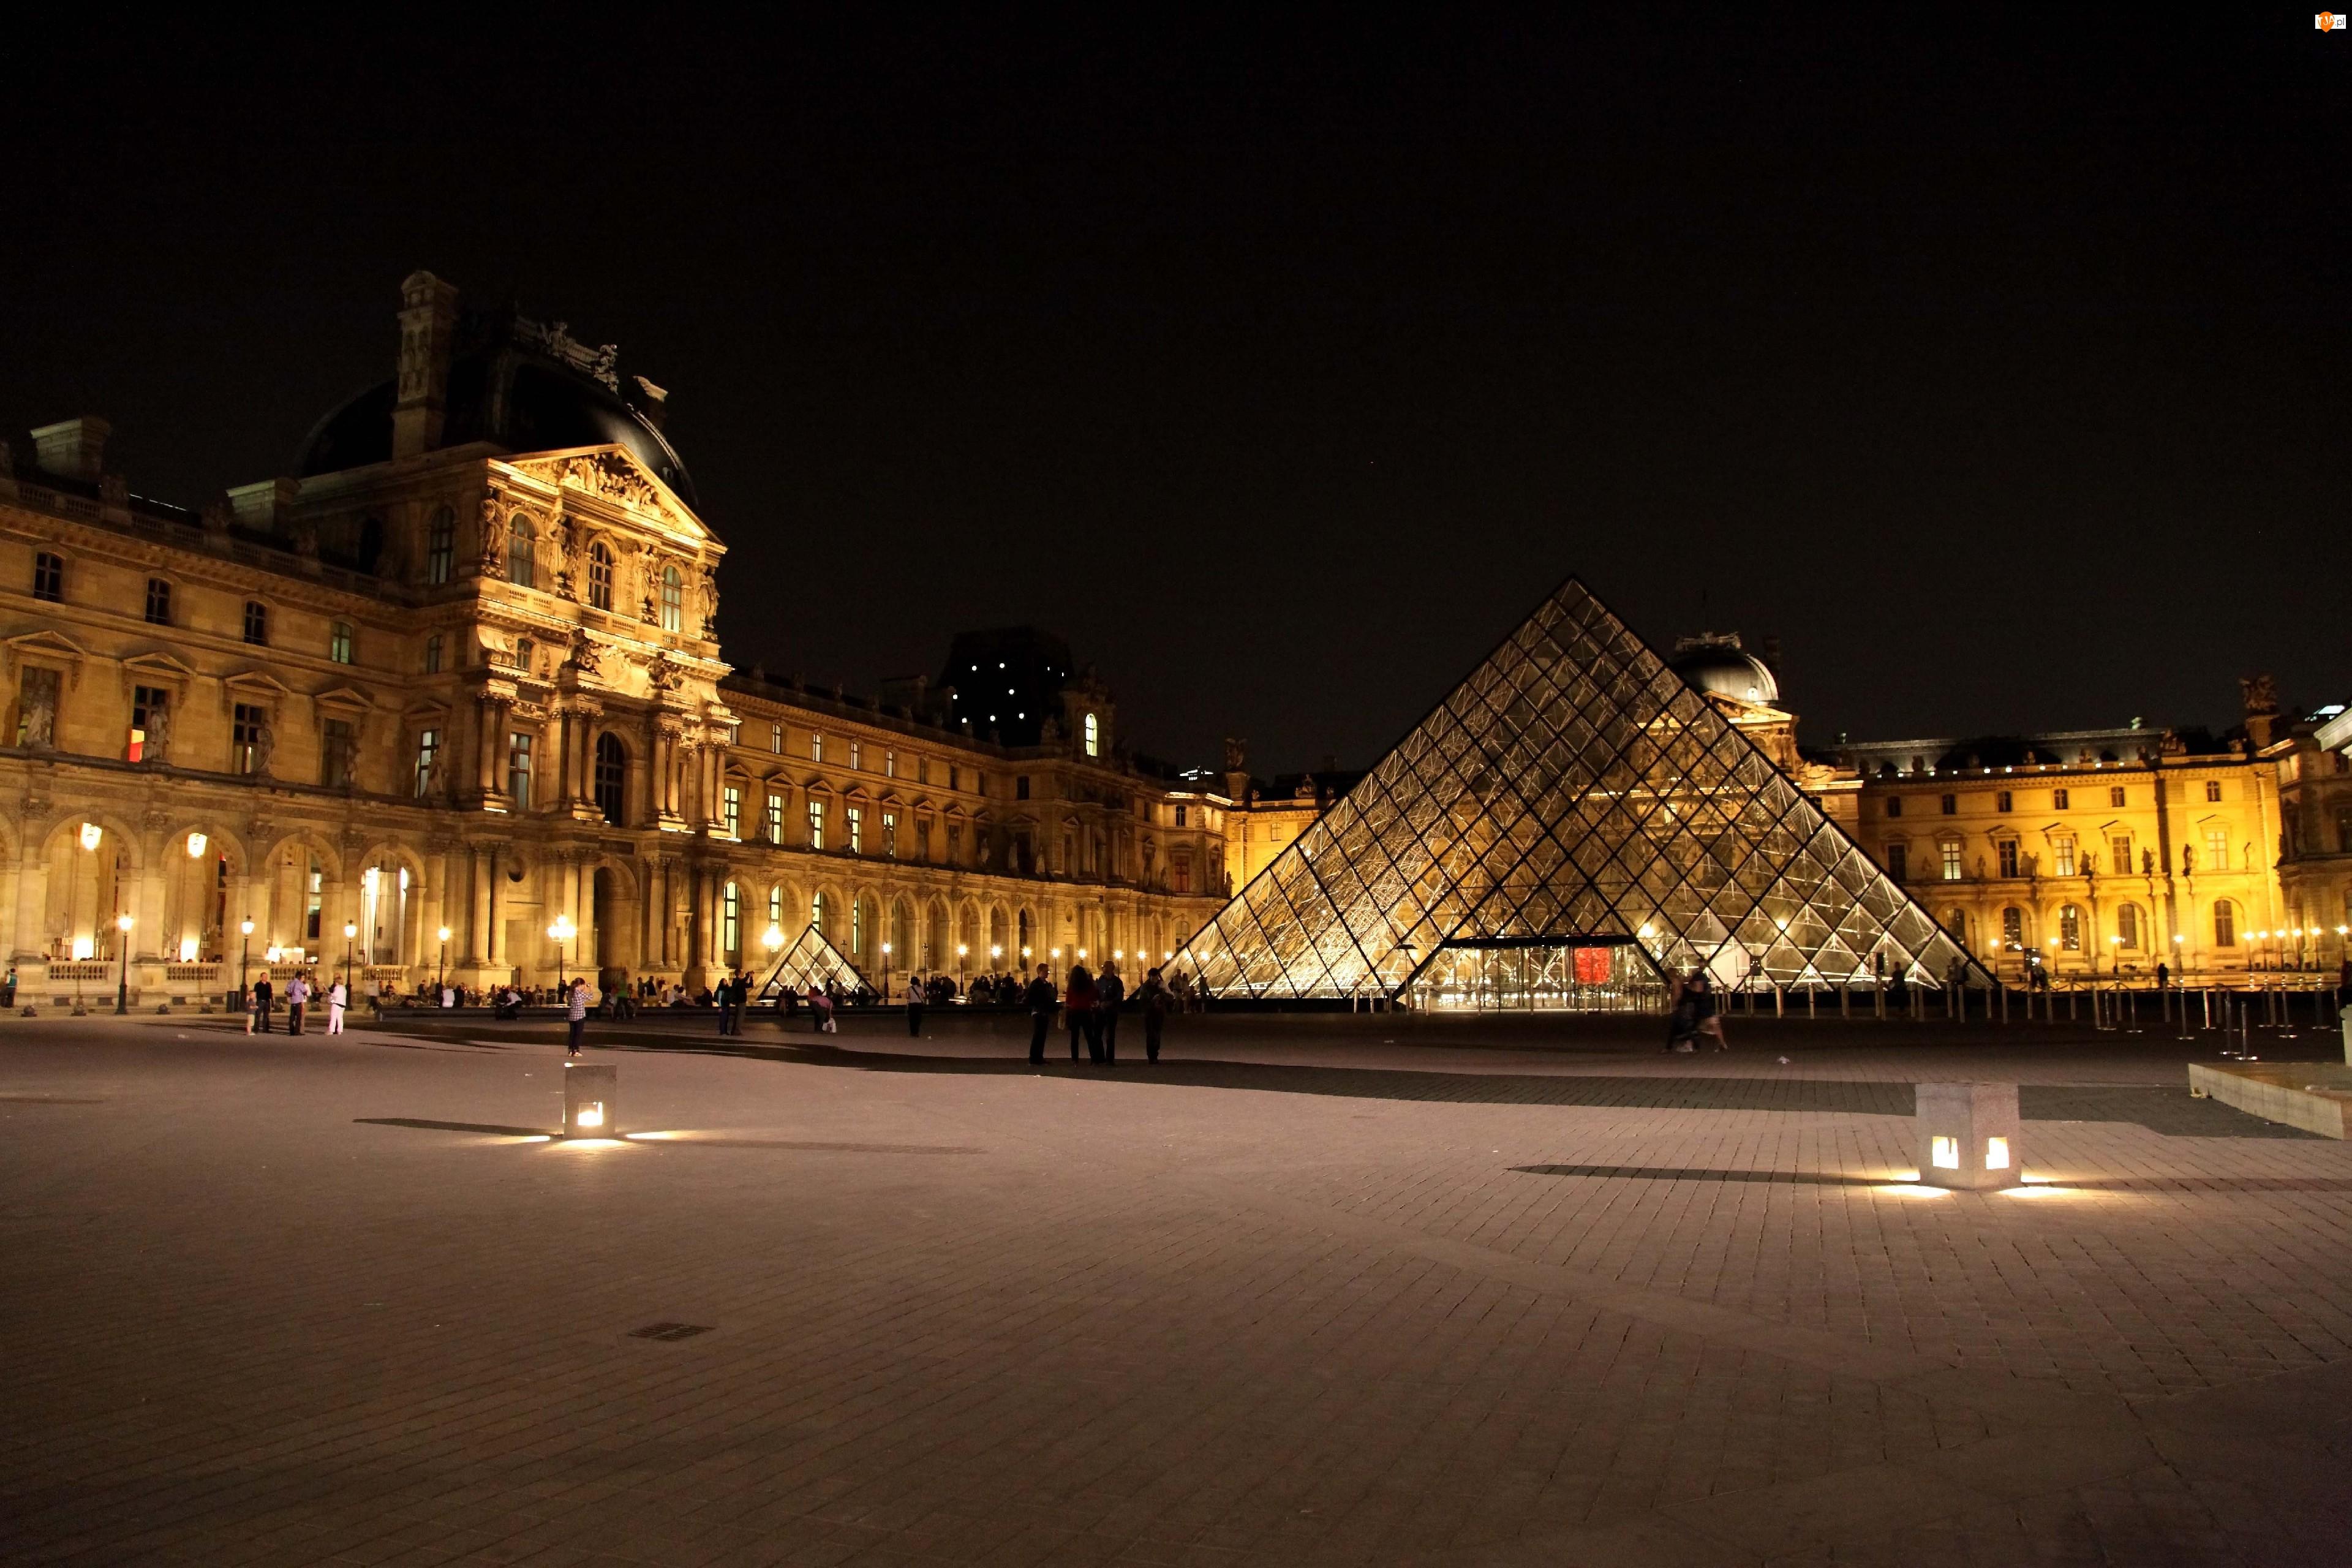 Miasto nocą, Luwr, Paryż, Muzeum, Francja